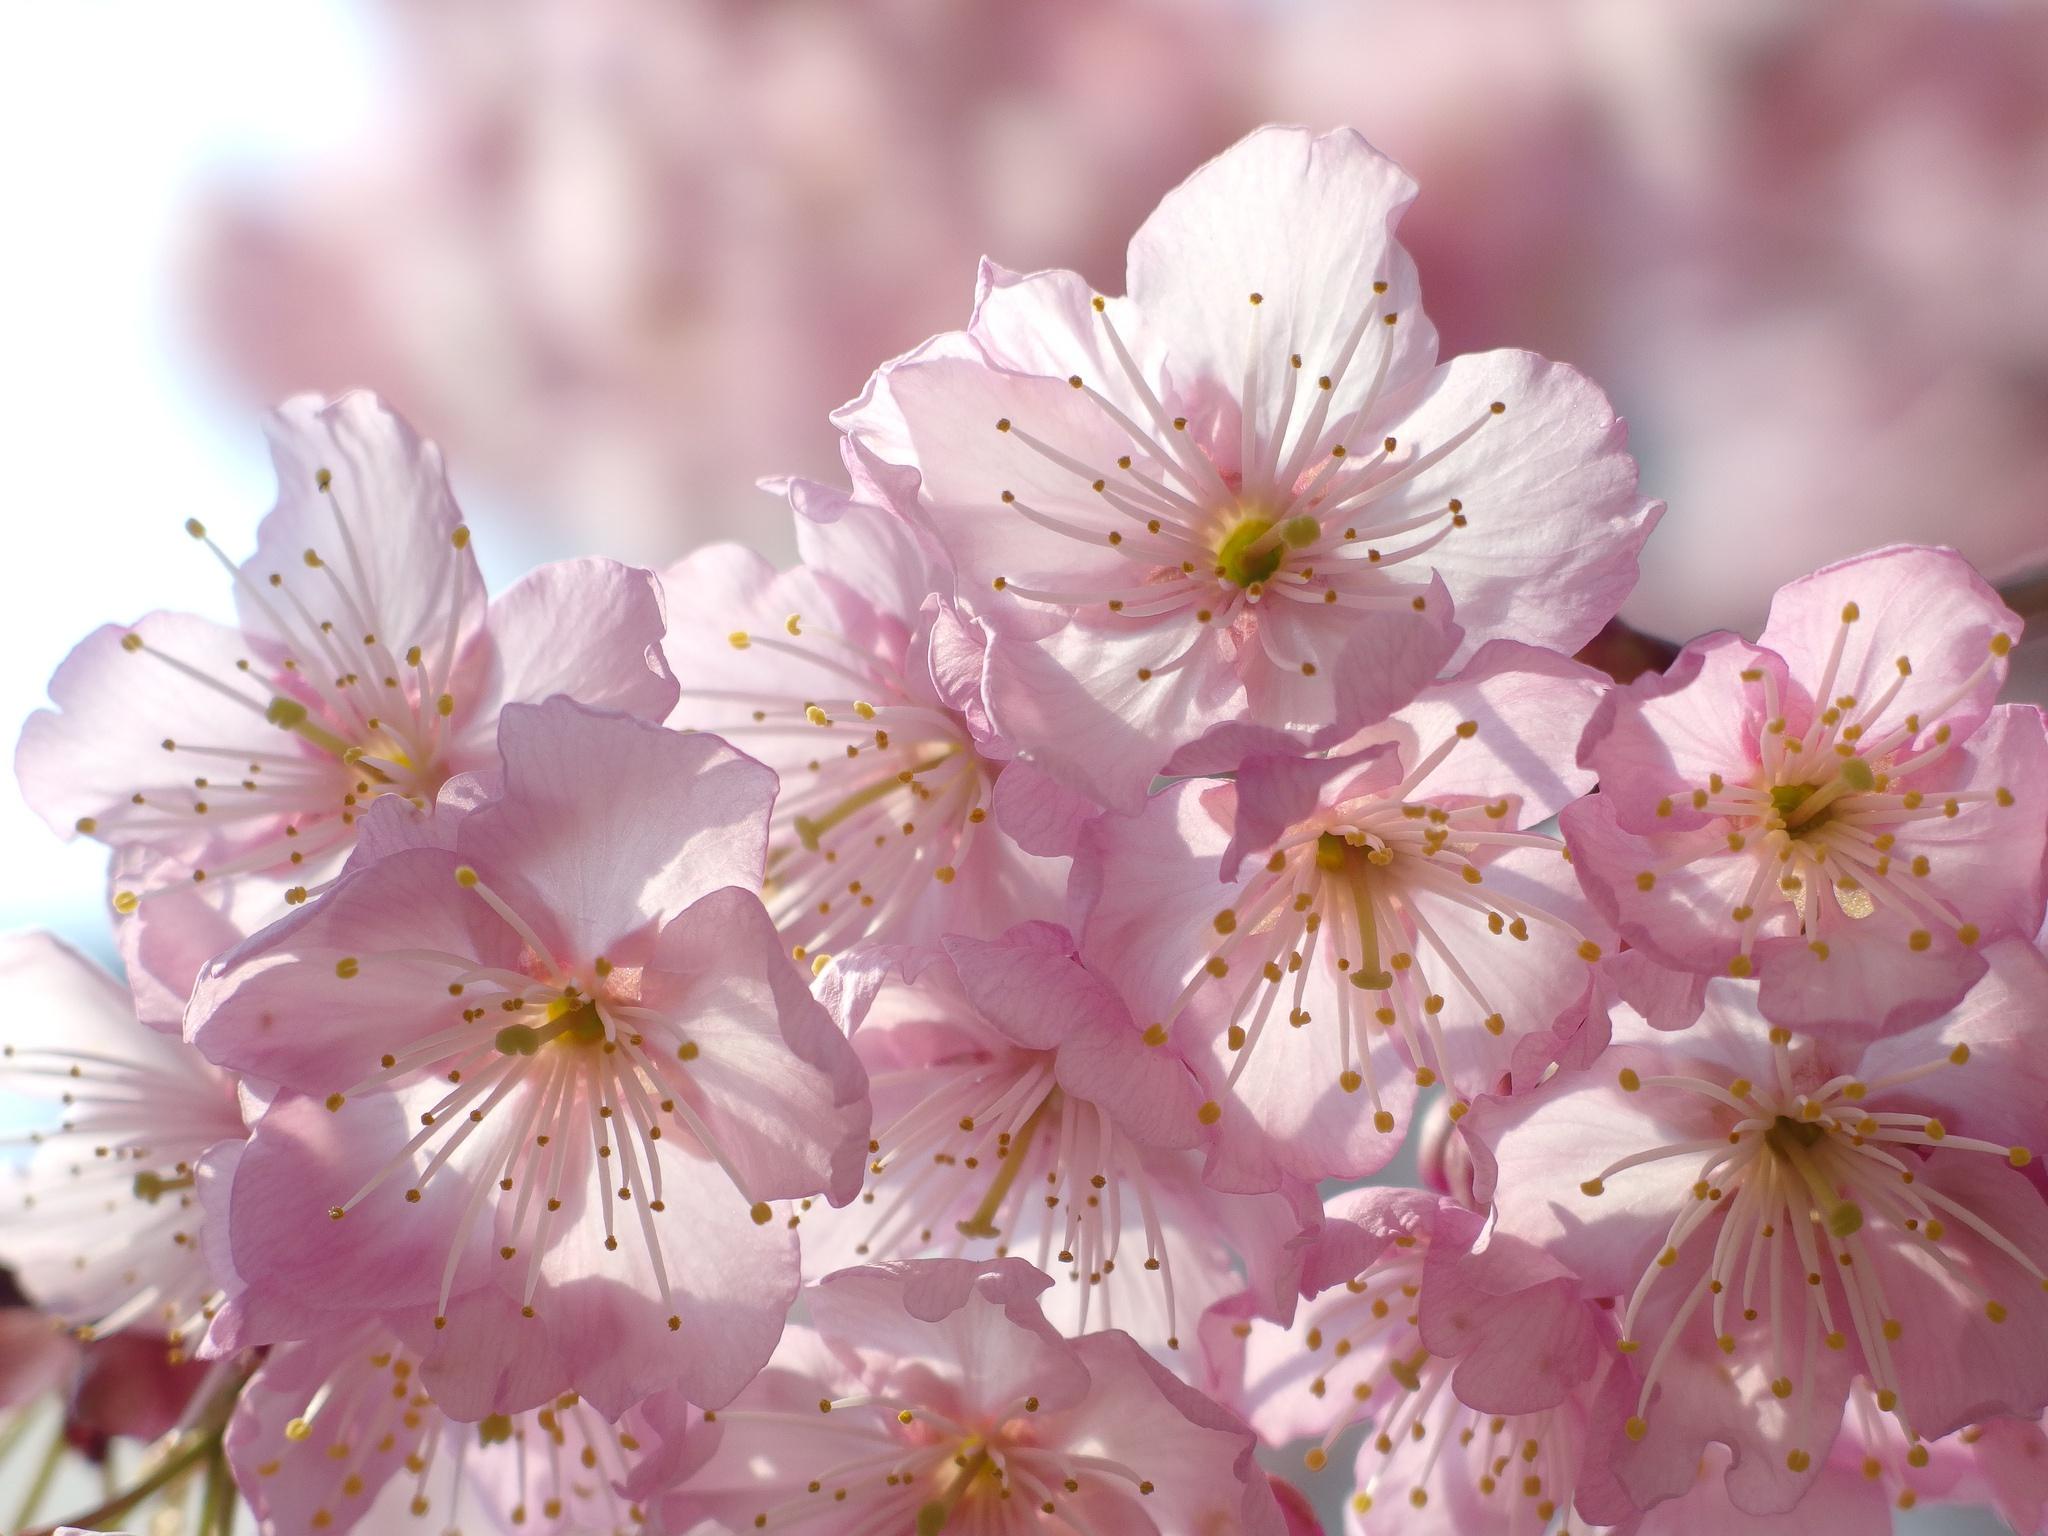 эти цветы вишни фото картинки следить, чтобы